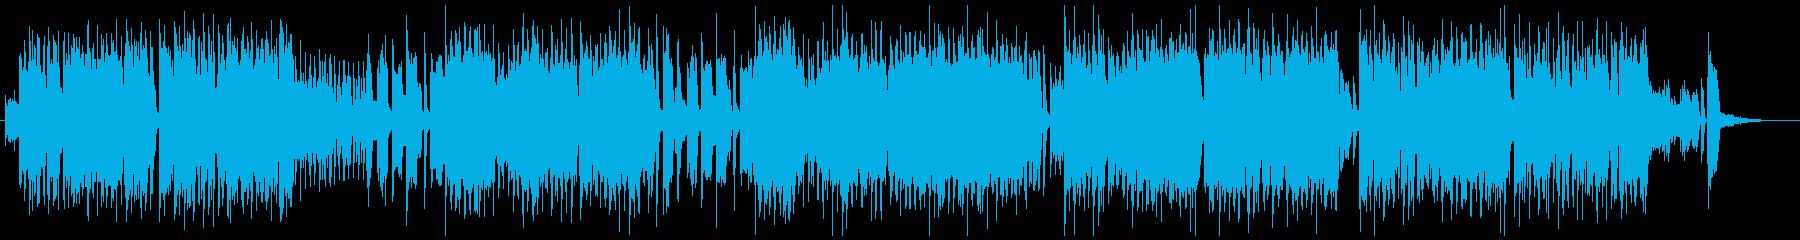 ジャズ・ビッグバンド風のかわいいポップの再生済みの波形